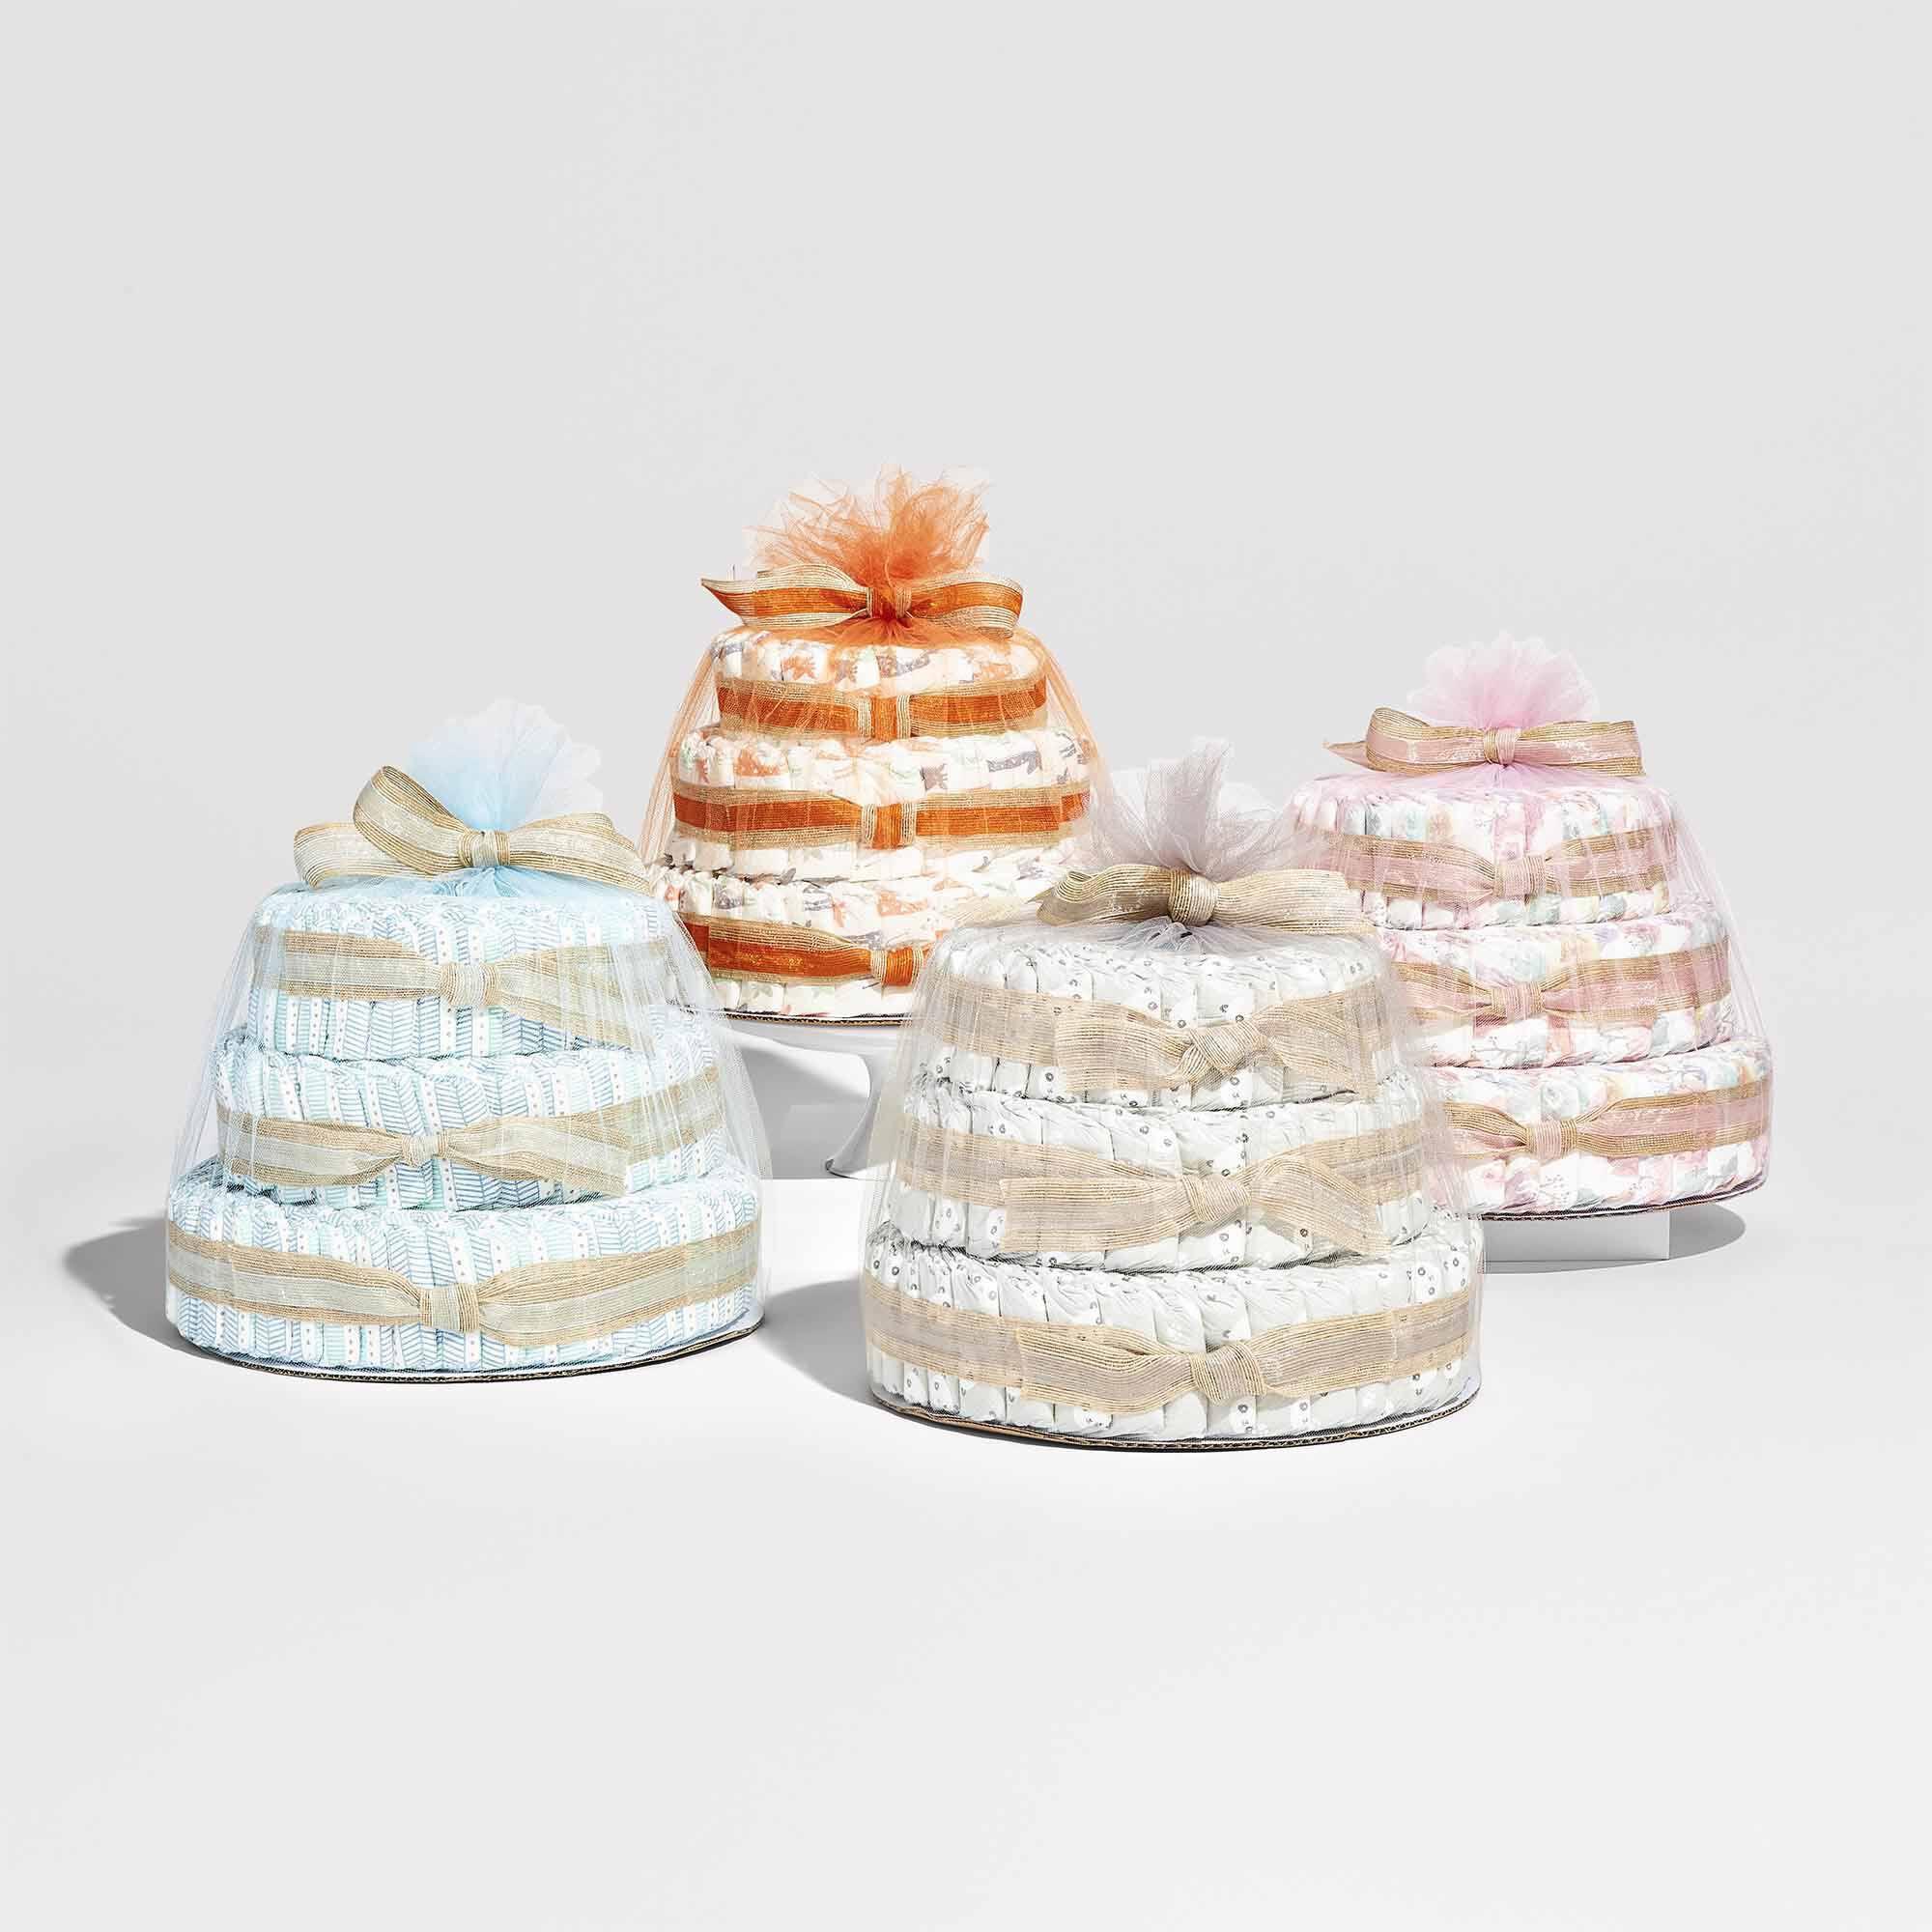 diaper cakes in various prints